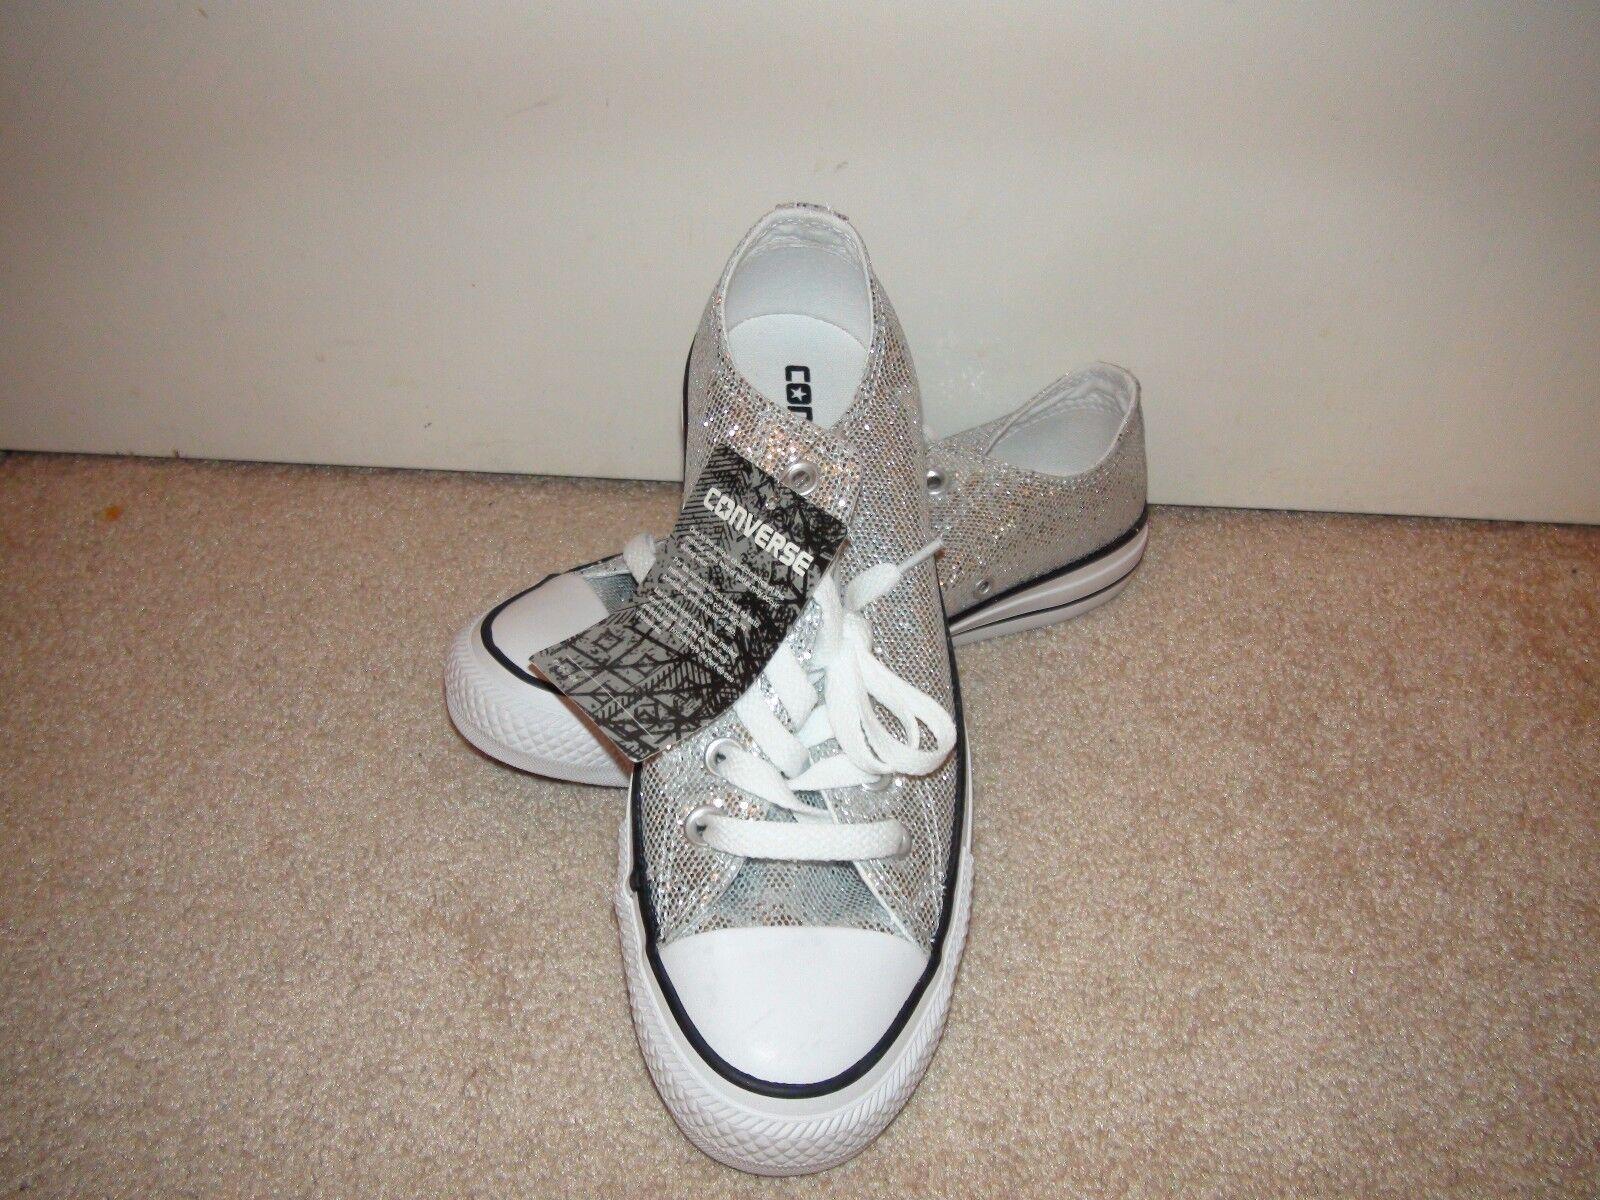 L'Ox  All -Star Lo Top scarpe da ginnastica Chuck Taylor argento Glitter 135851C NWT  grandi offerte